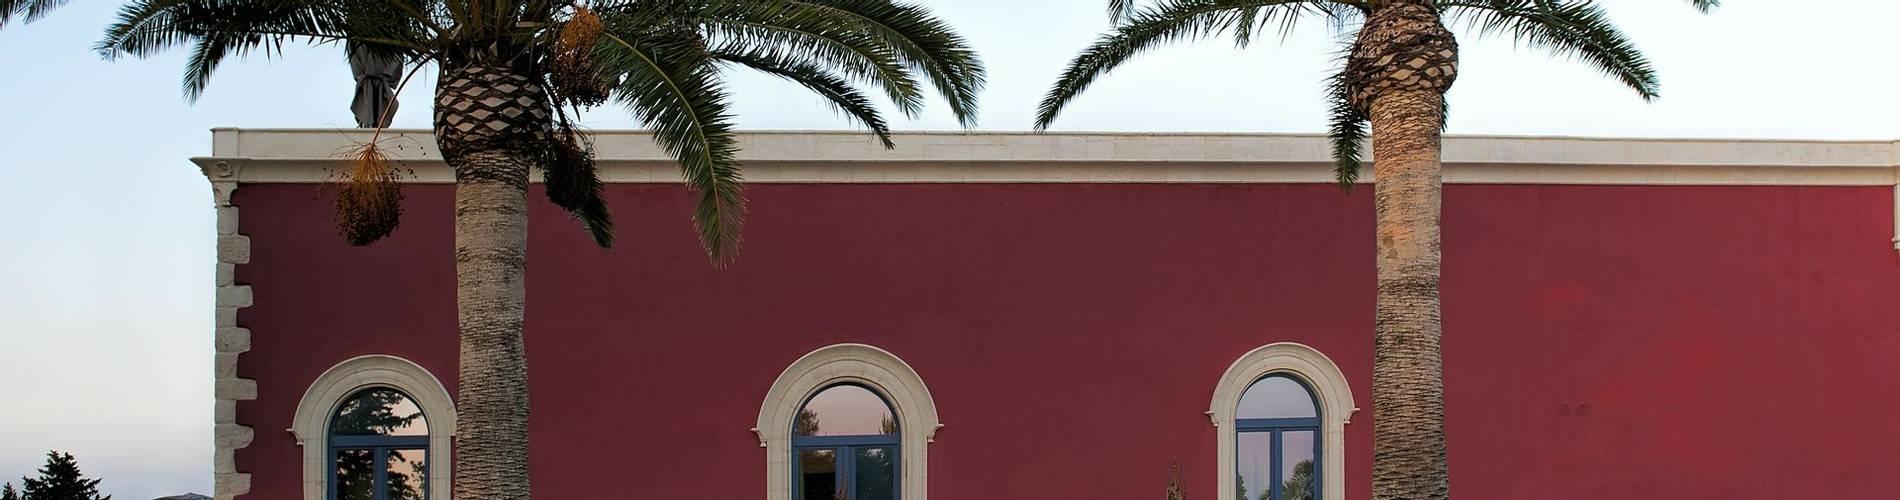 Masseria Della Volpe, Sicily, Italy (22).jpg